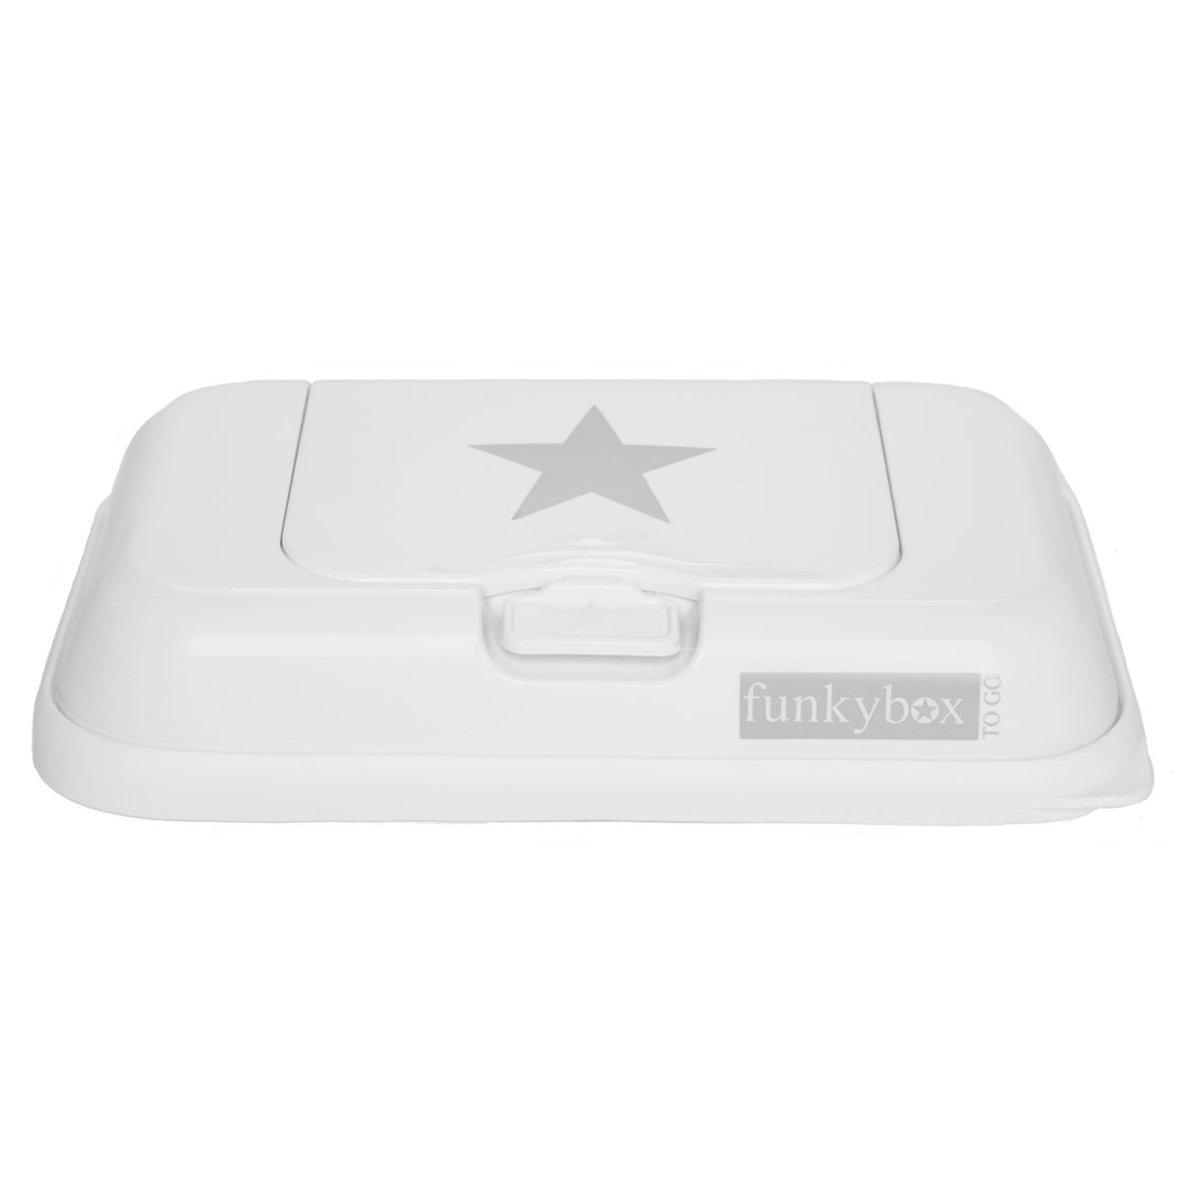 Caja para viajes resistente a la humedad de Funky Box Togoen color blanco con estrellas. Funkybox